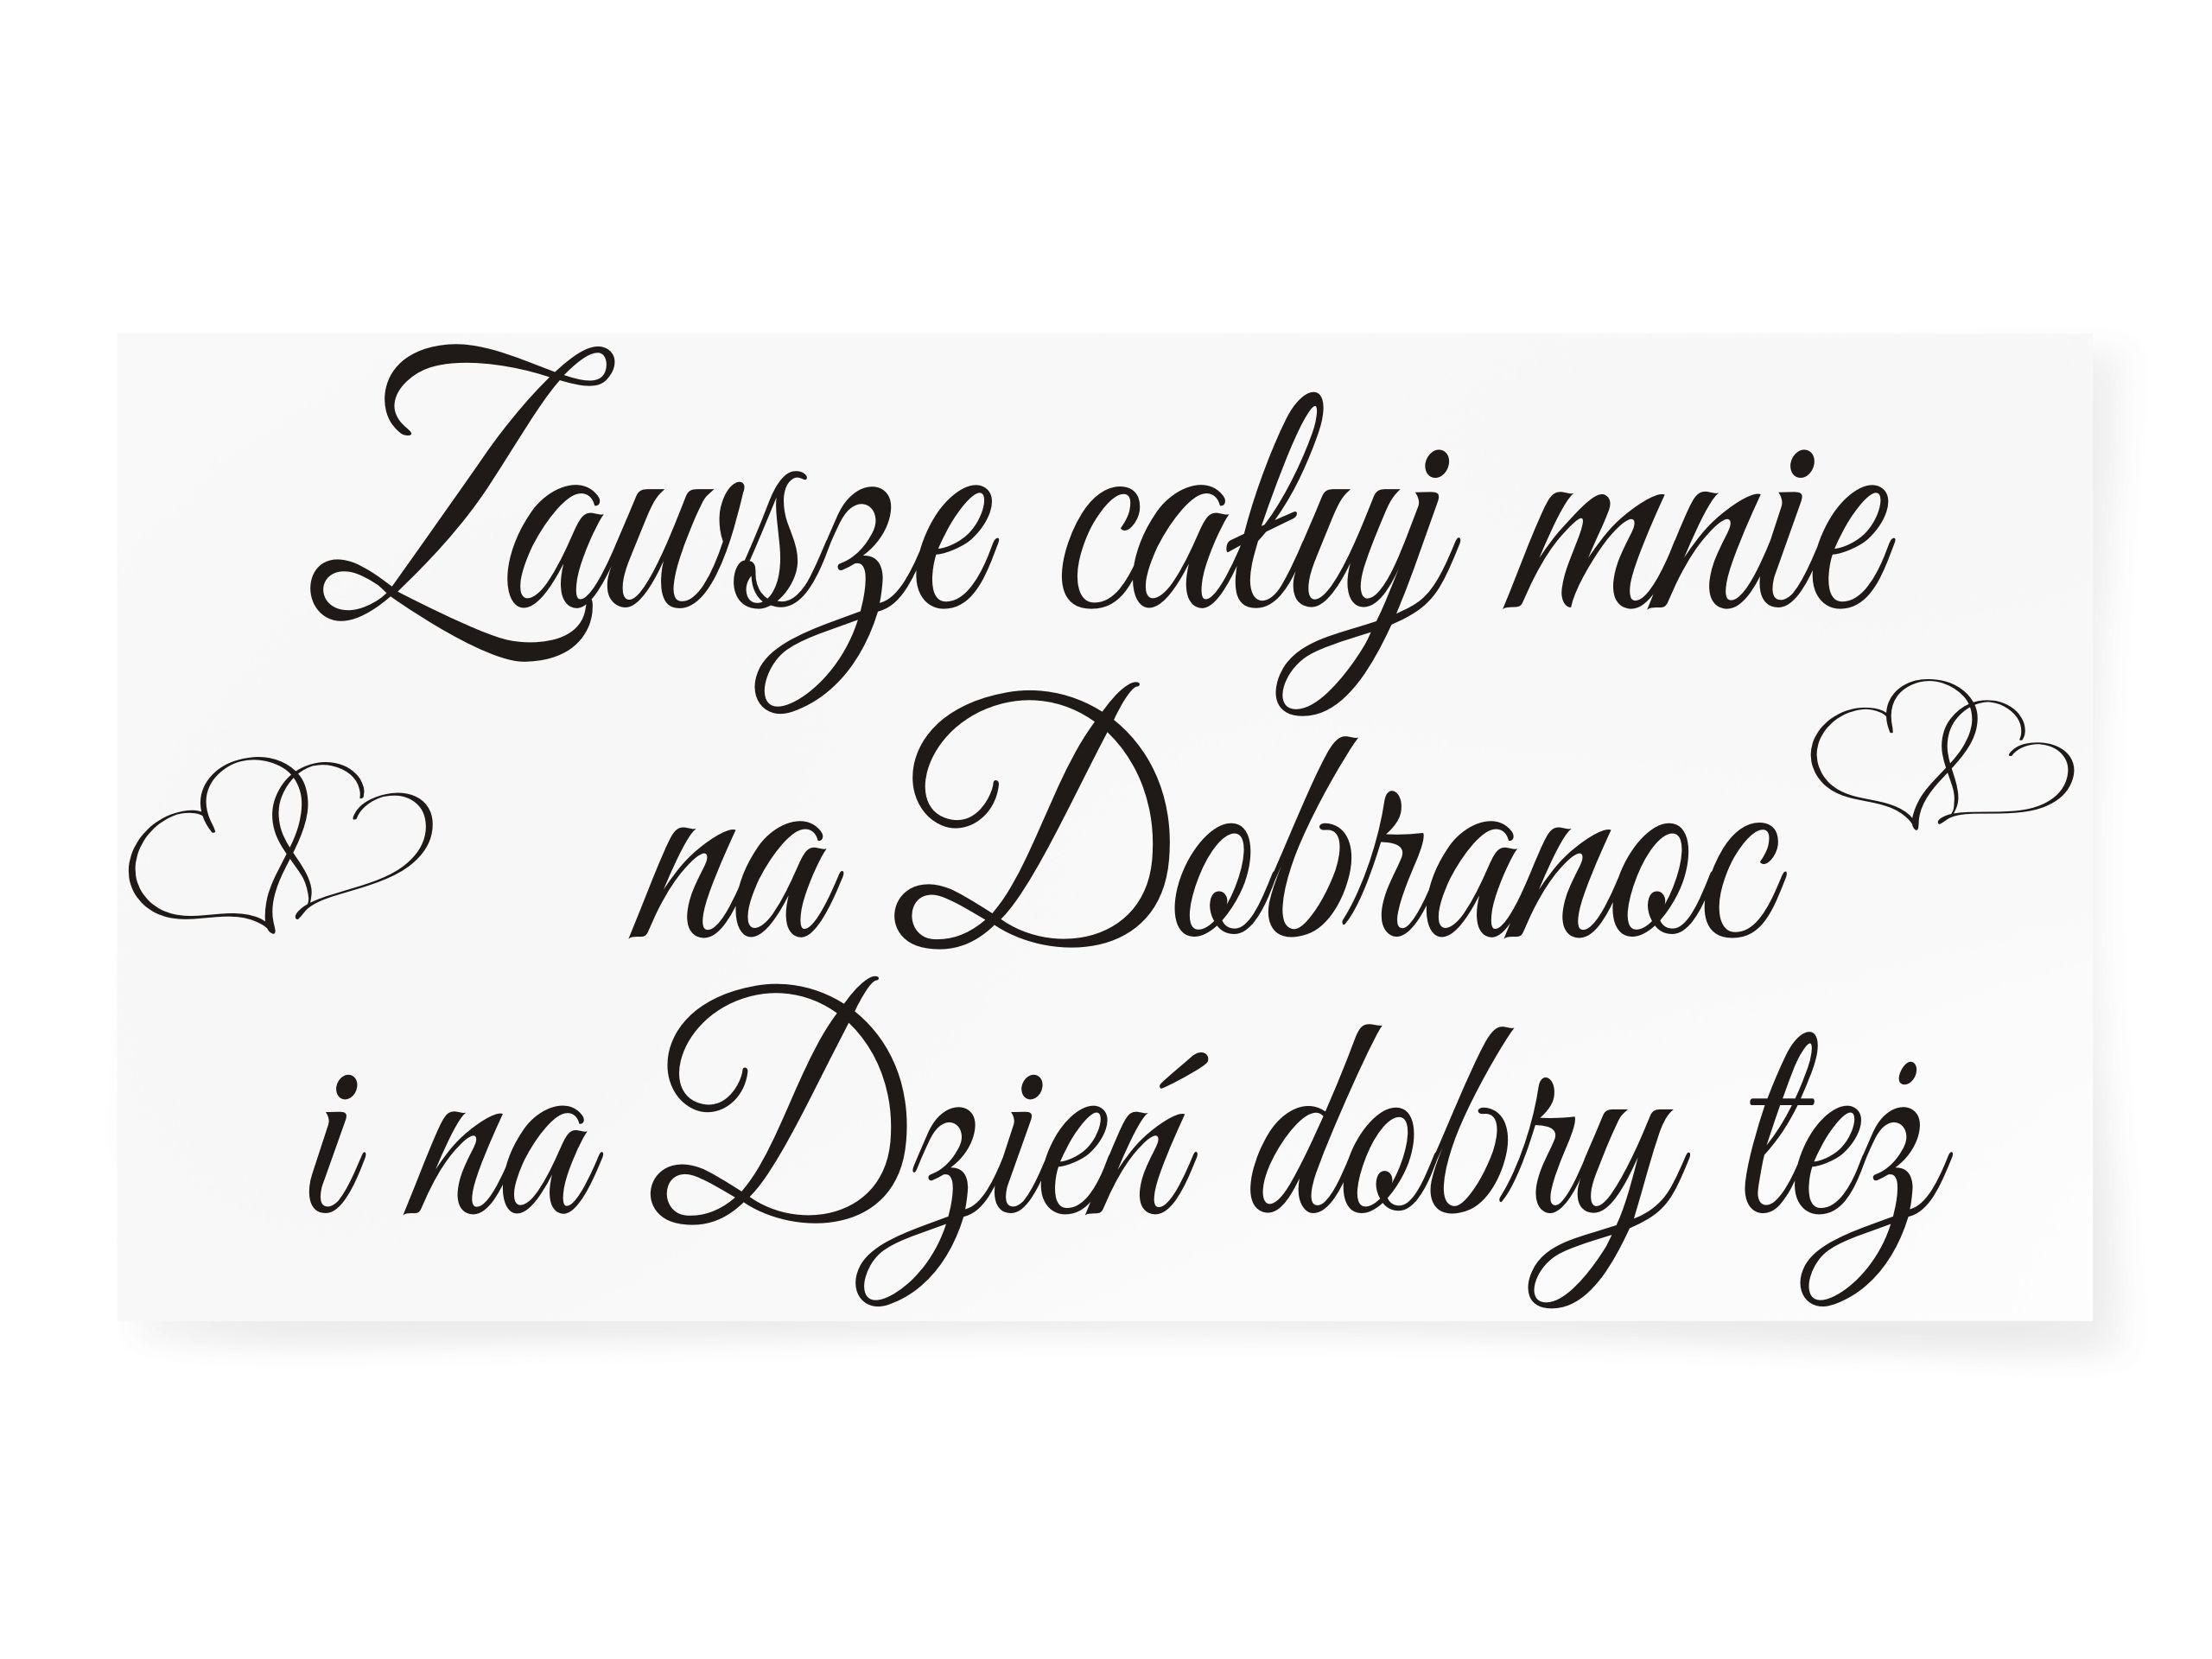 Naklejki Napis Cytaty Na Sciane Napisy Scienne 3xl Arabic Calligraphy